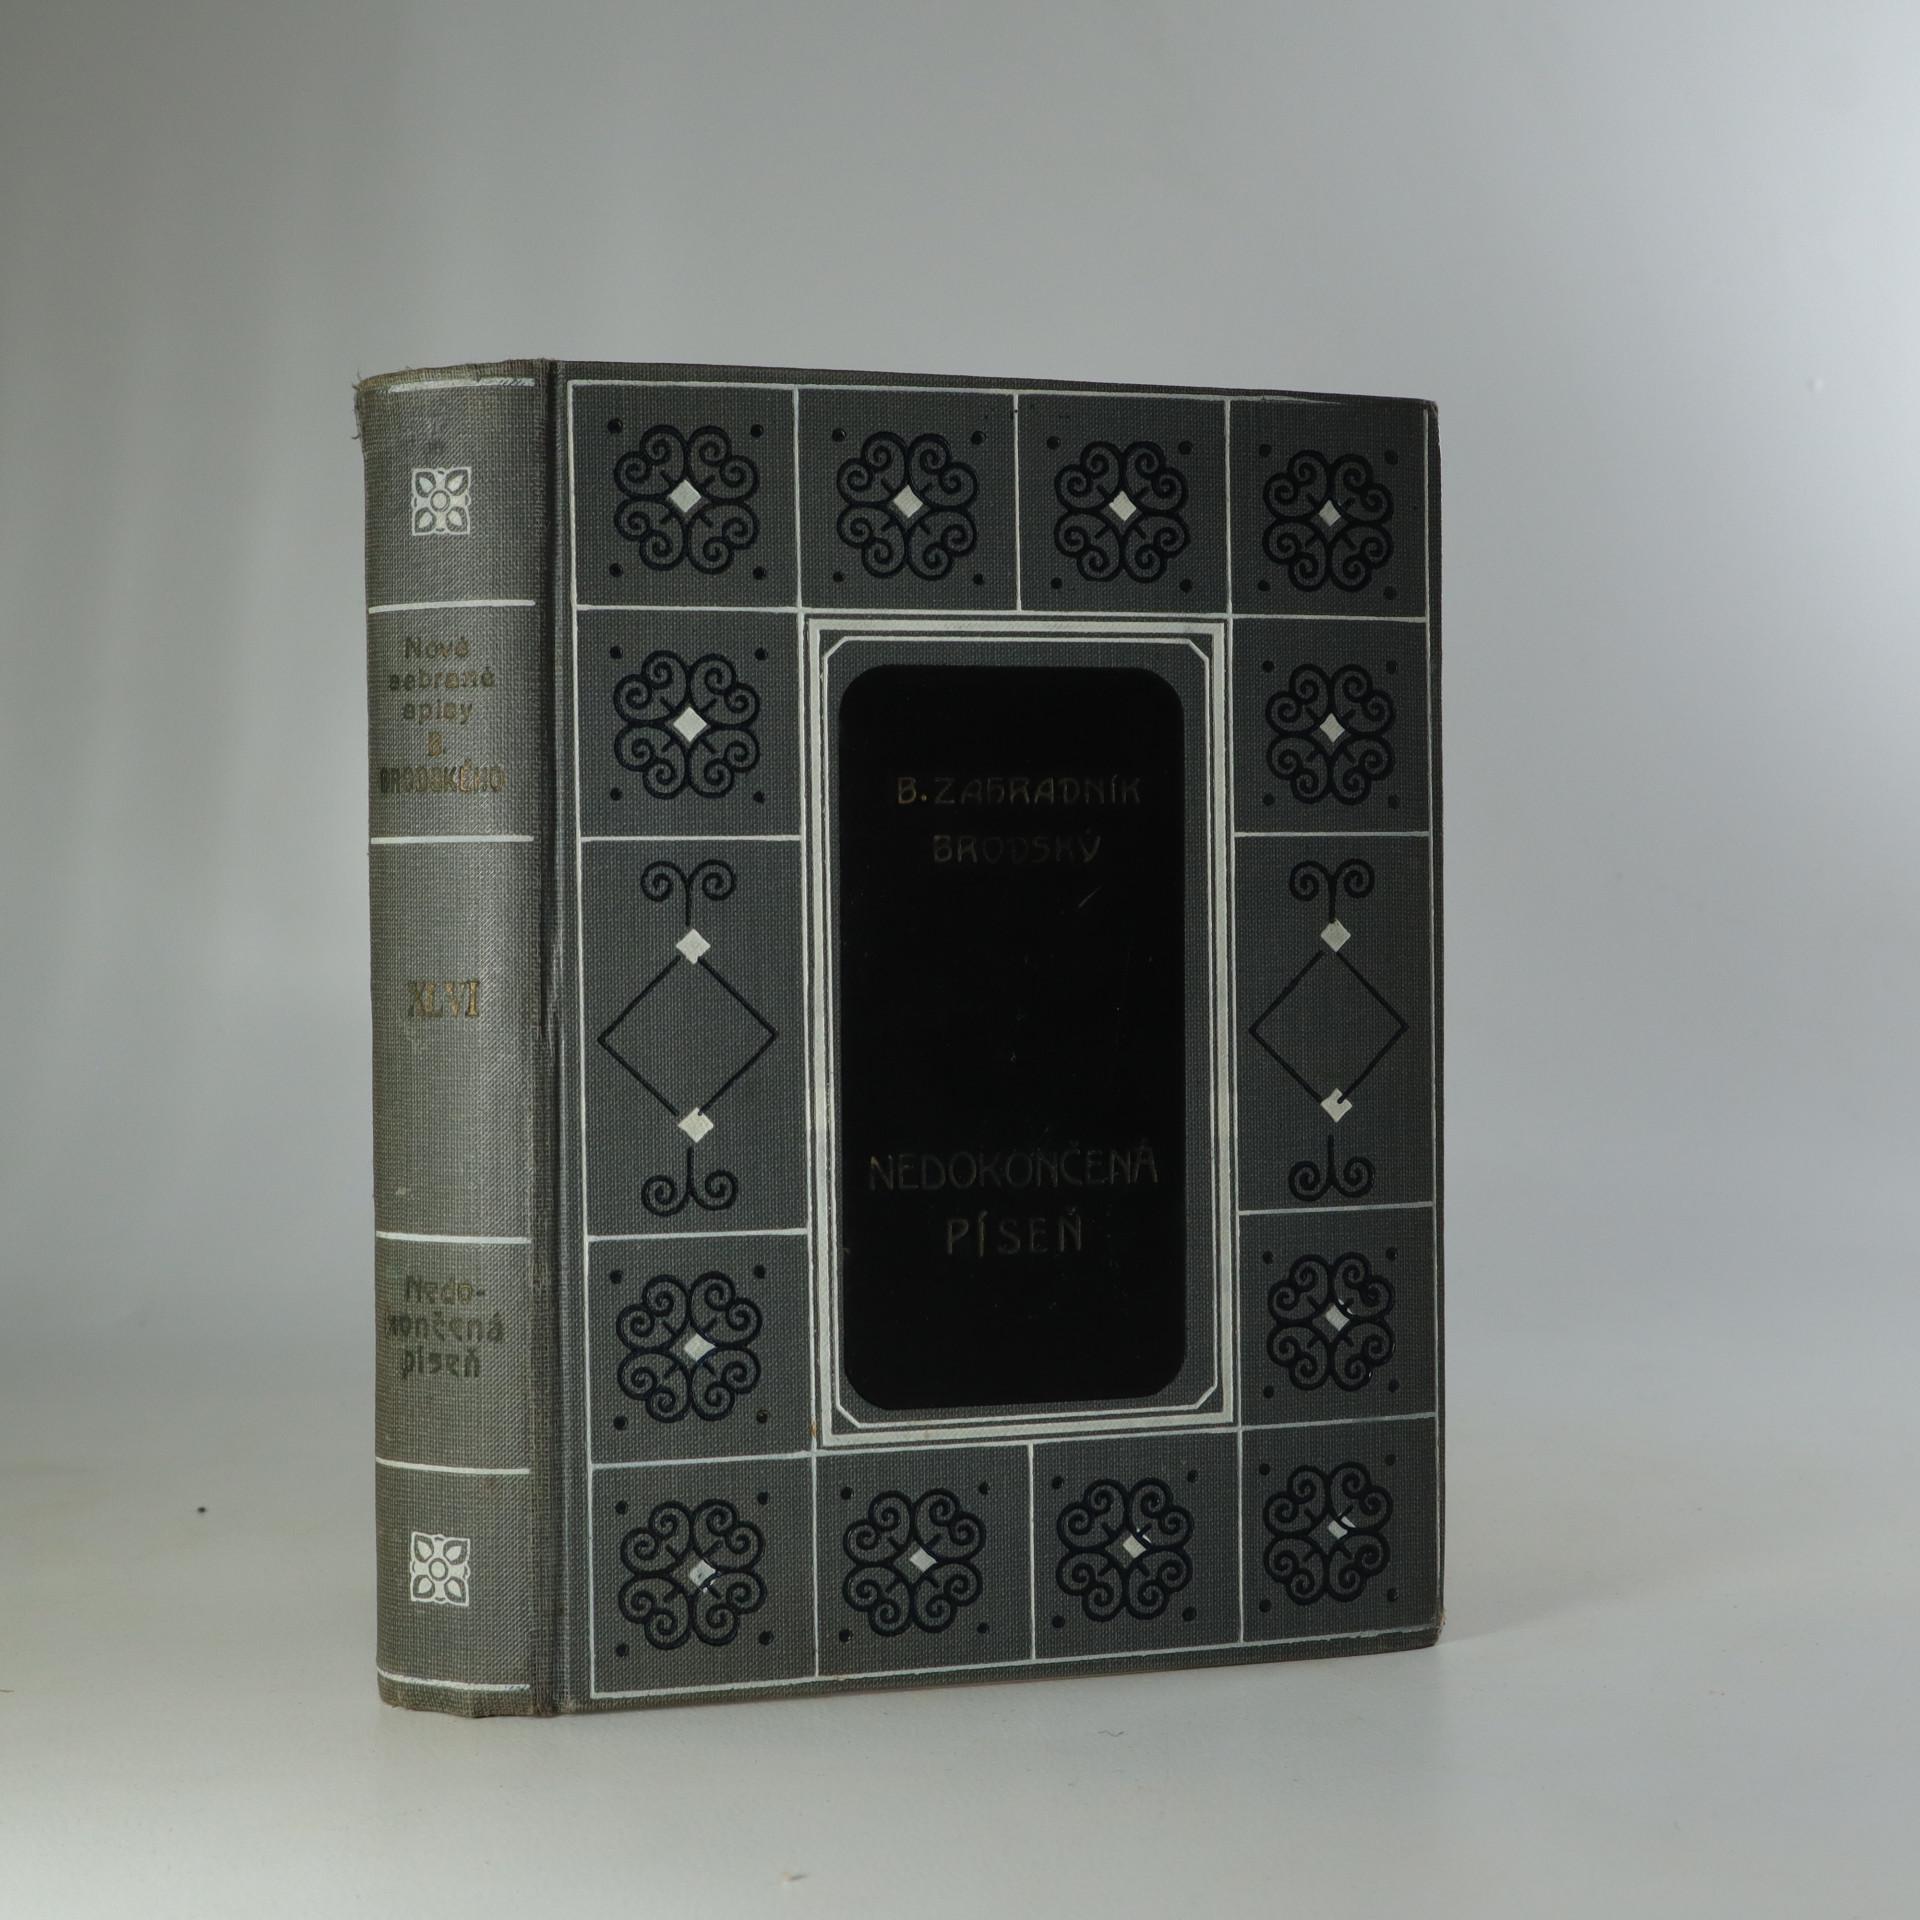 antikvární kniha Nedokončená píseň, 1926